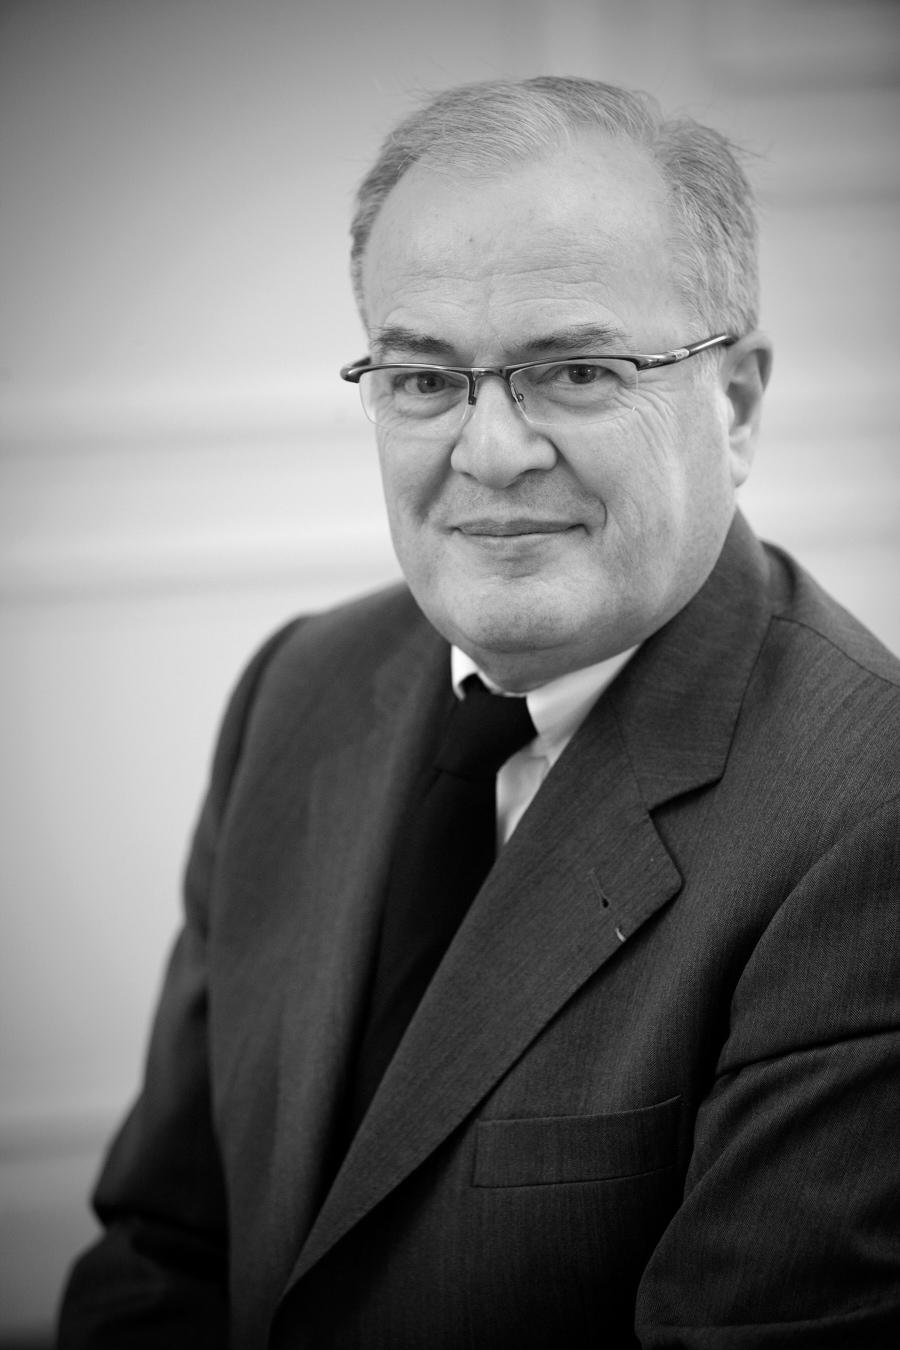 Rencontre avec Christian Pierret : pour une politique industrielle entreprenante